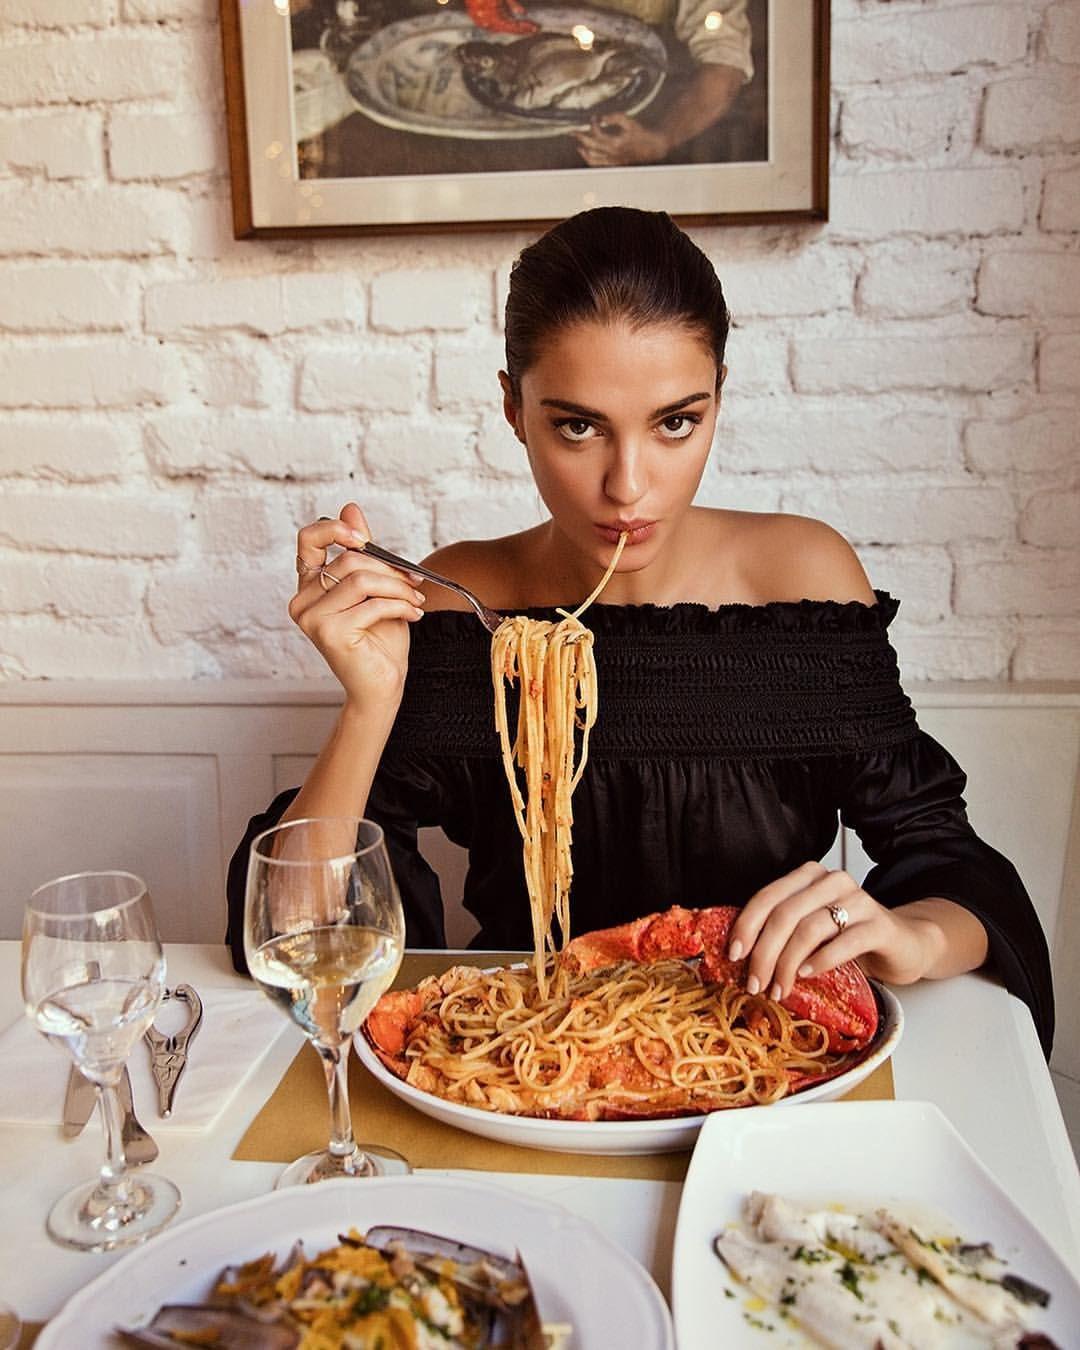 немного как правильно фотографировать людей в ресторане прирастает богатством, удивляет